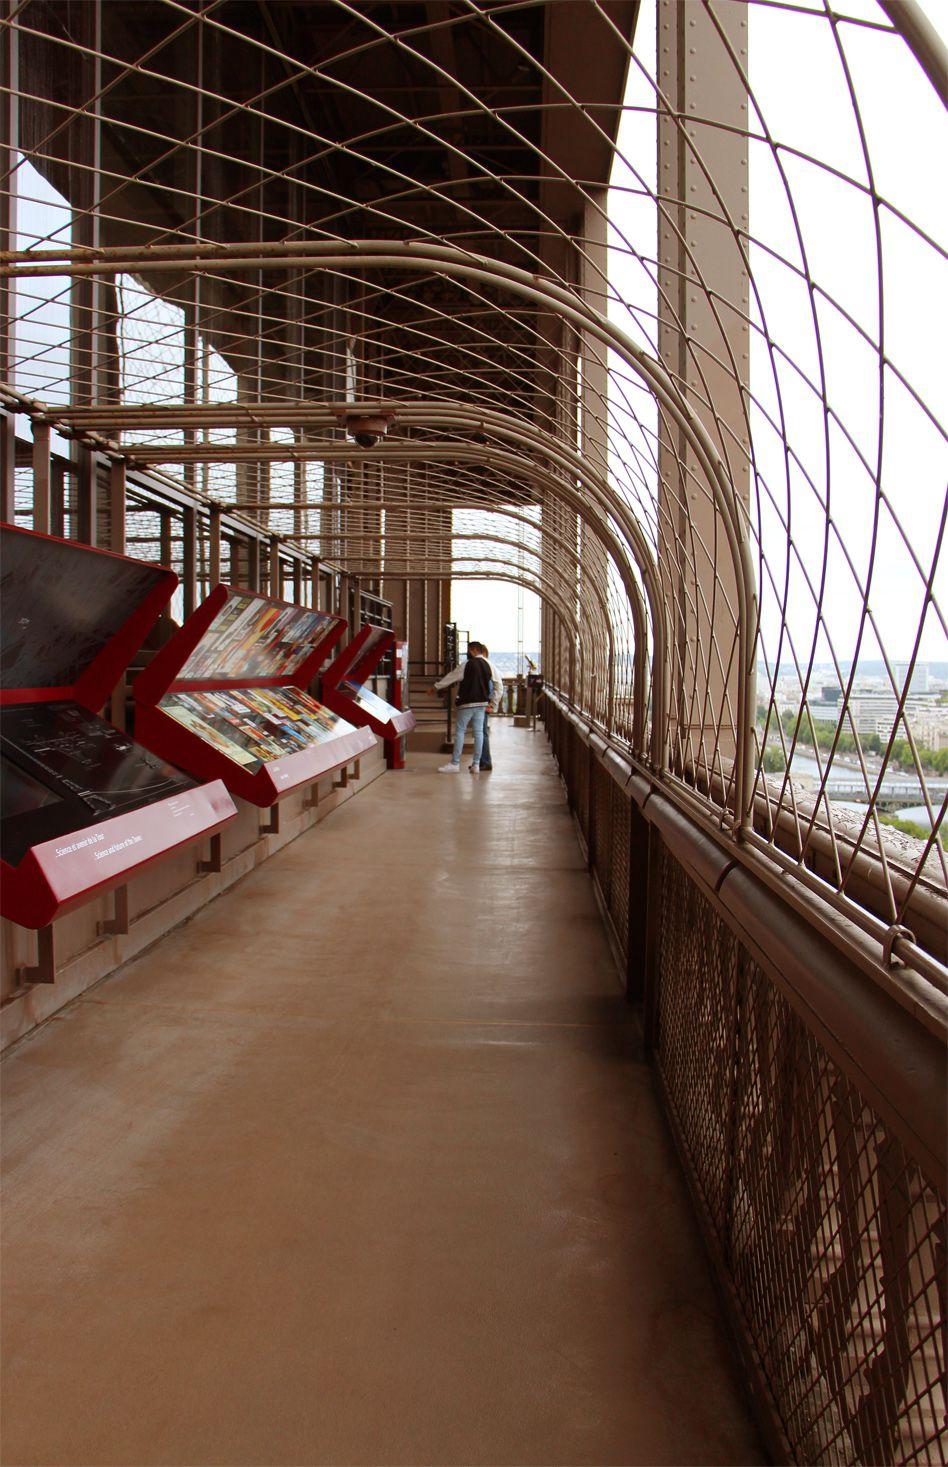 Tour Eiffel 1er étage exposition